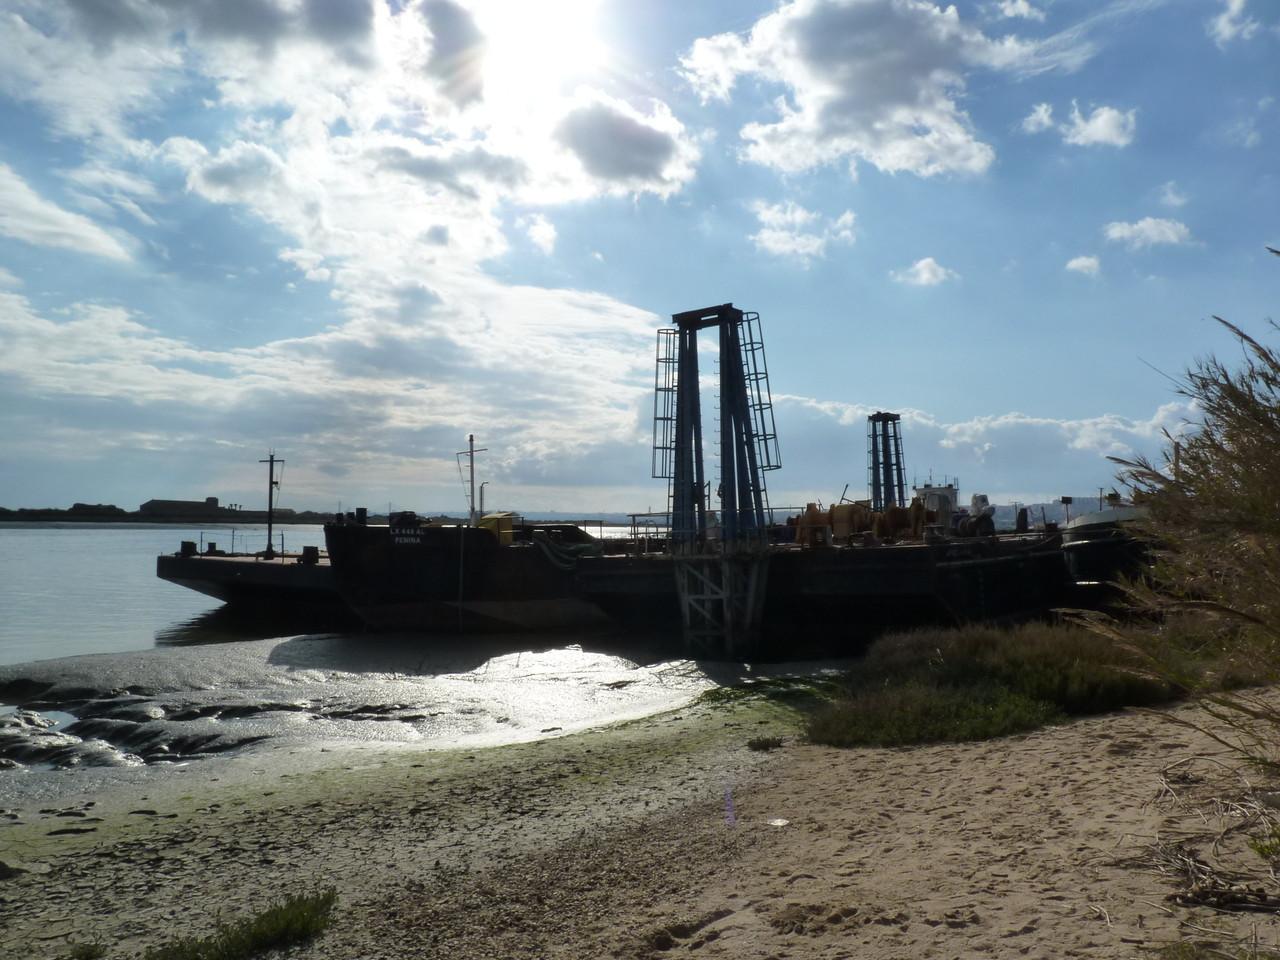 Parque Linear Ribeirinho do Estuário do Tejo (13)